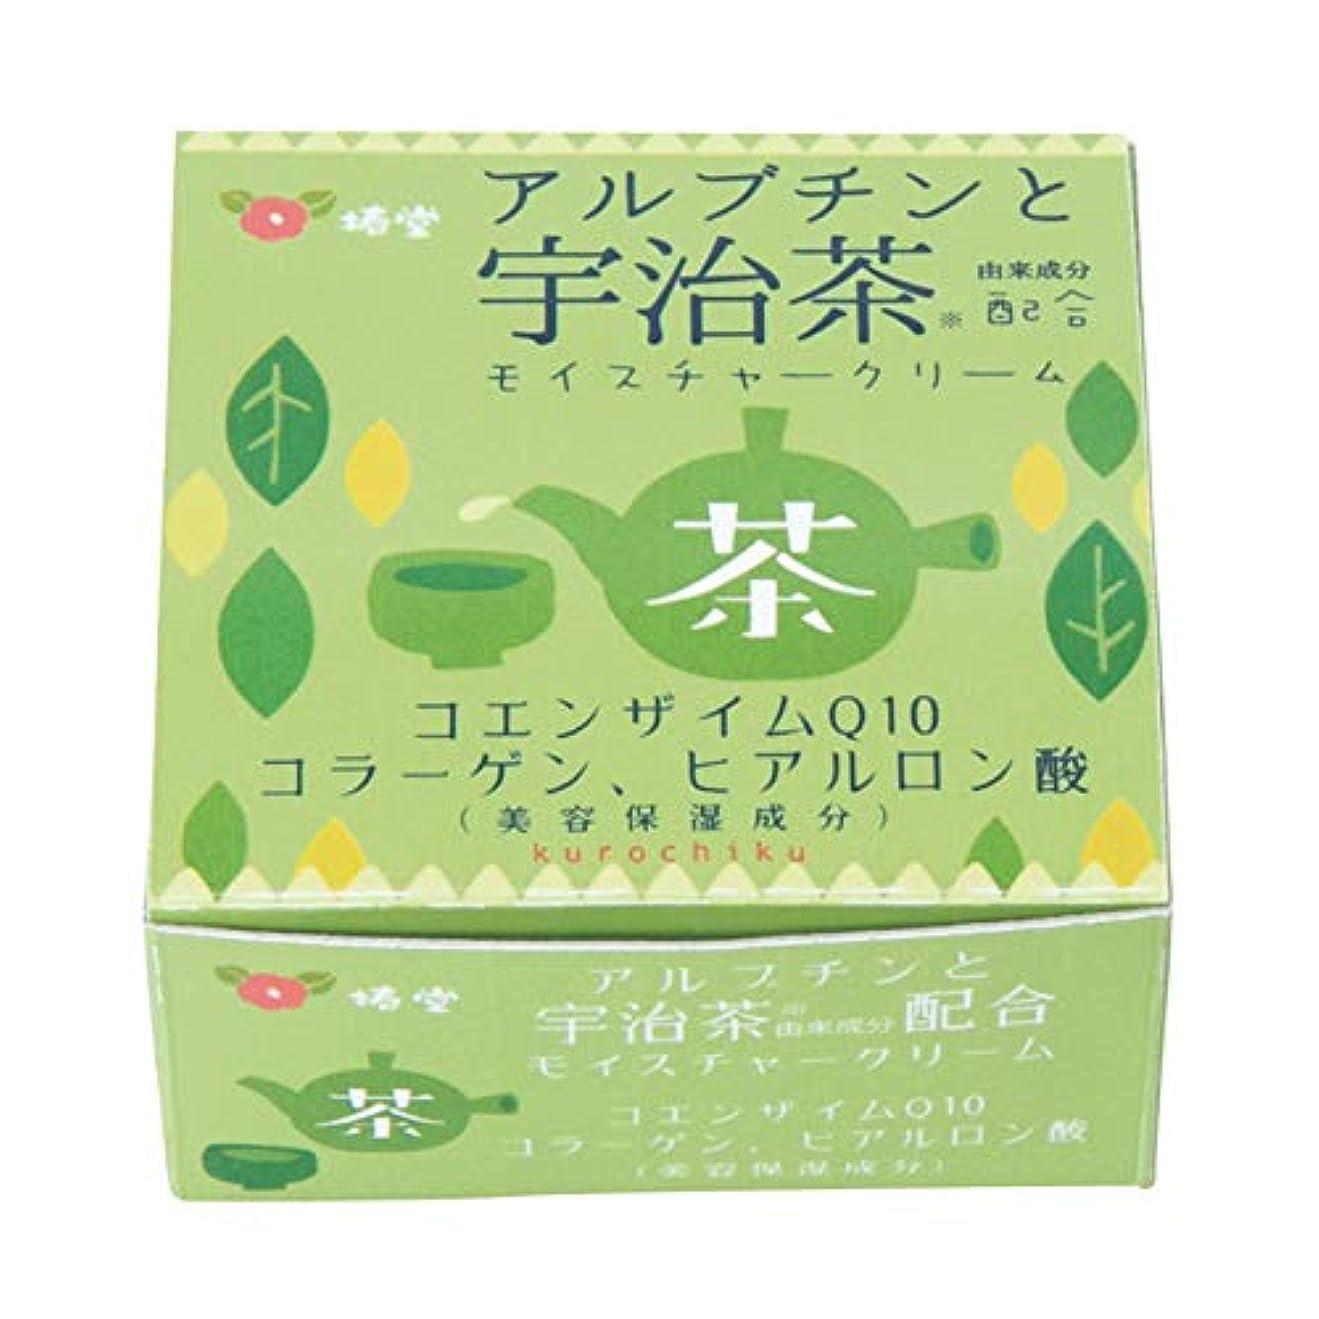 ミット安息追加する椿堂 宇治茶モイスチャークリーム (アルブチンと宇治茶) 京都くろちく